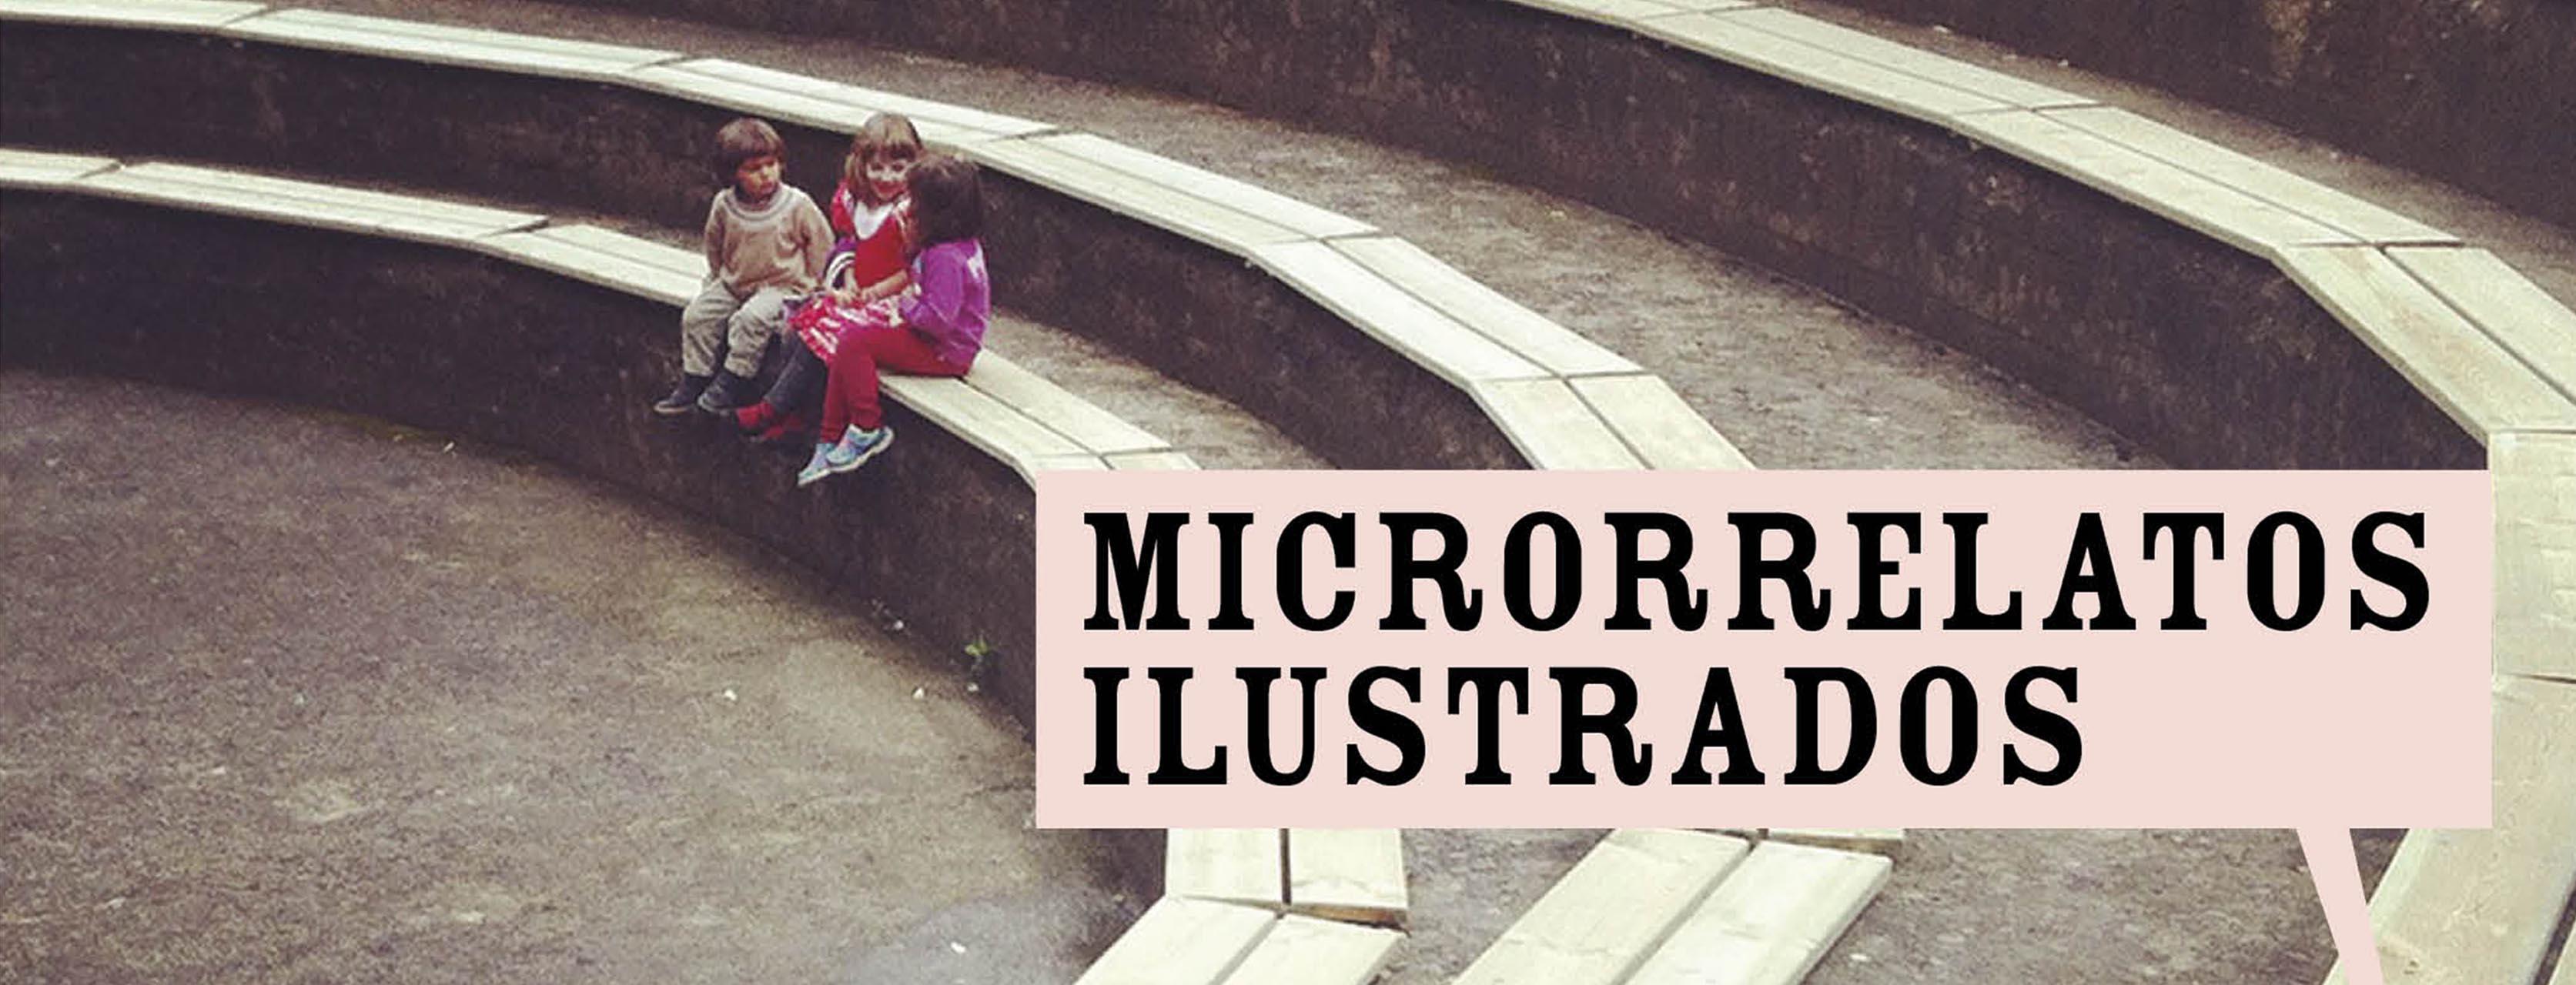 Exposición de Microrrelatos ilustrados